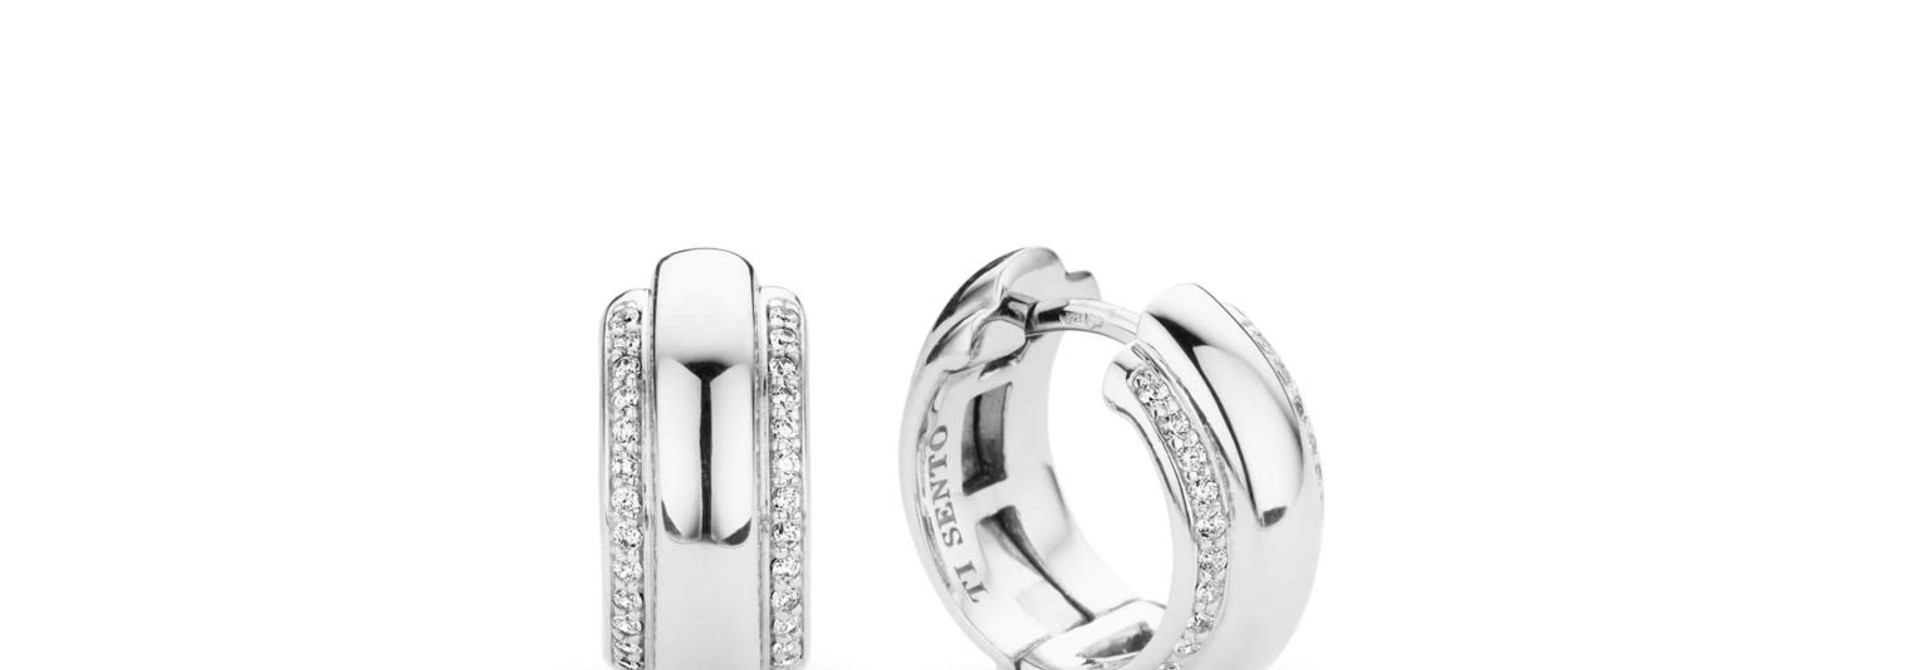 TI SENTO - Milano Earrings 7785ZI